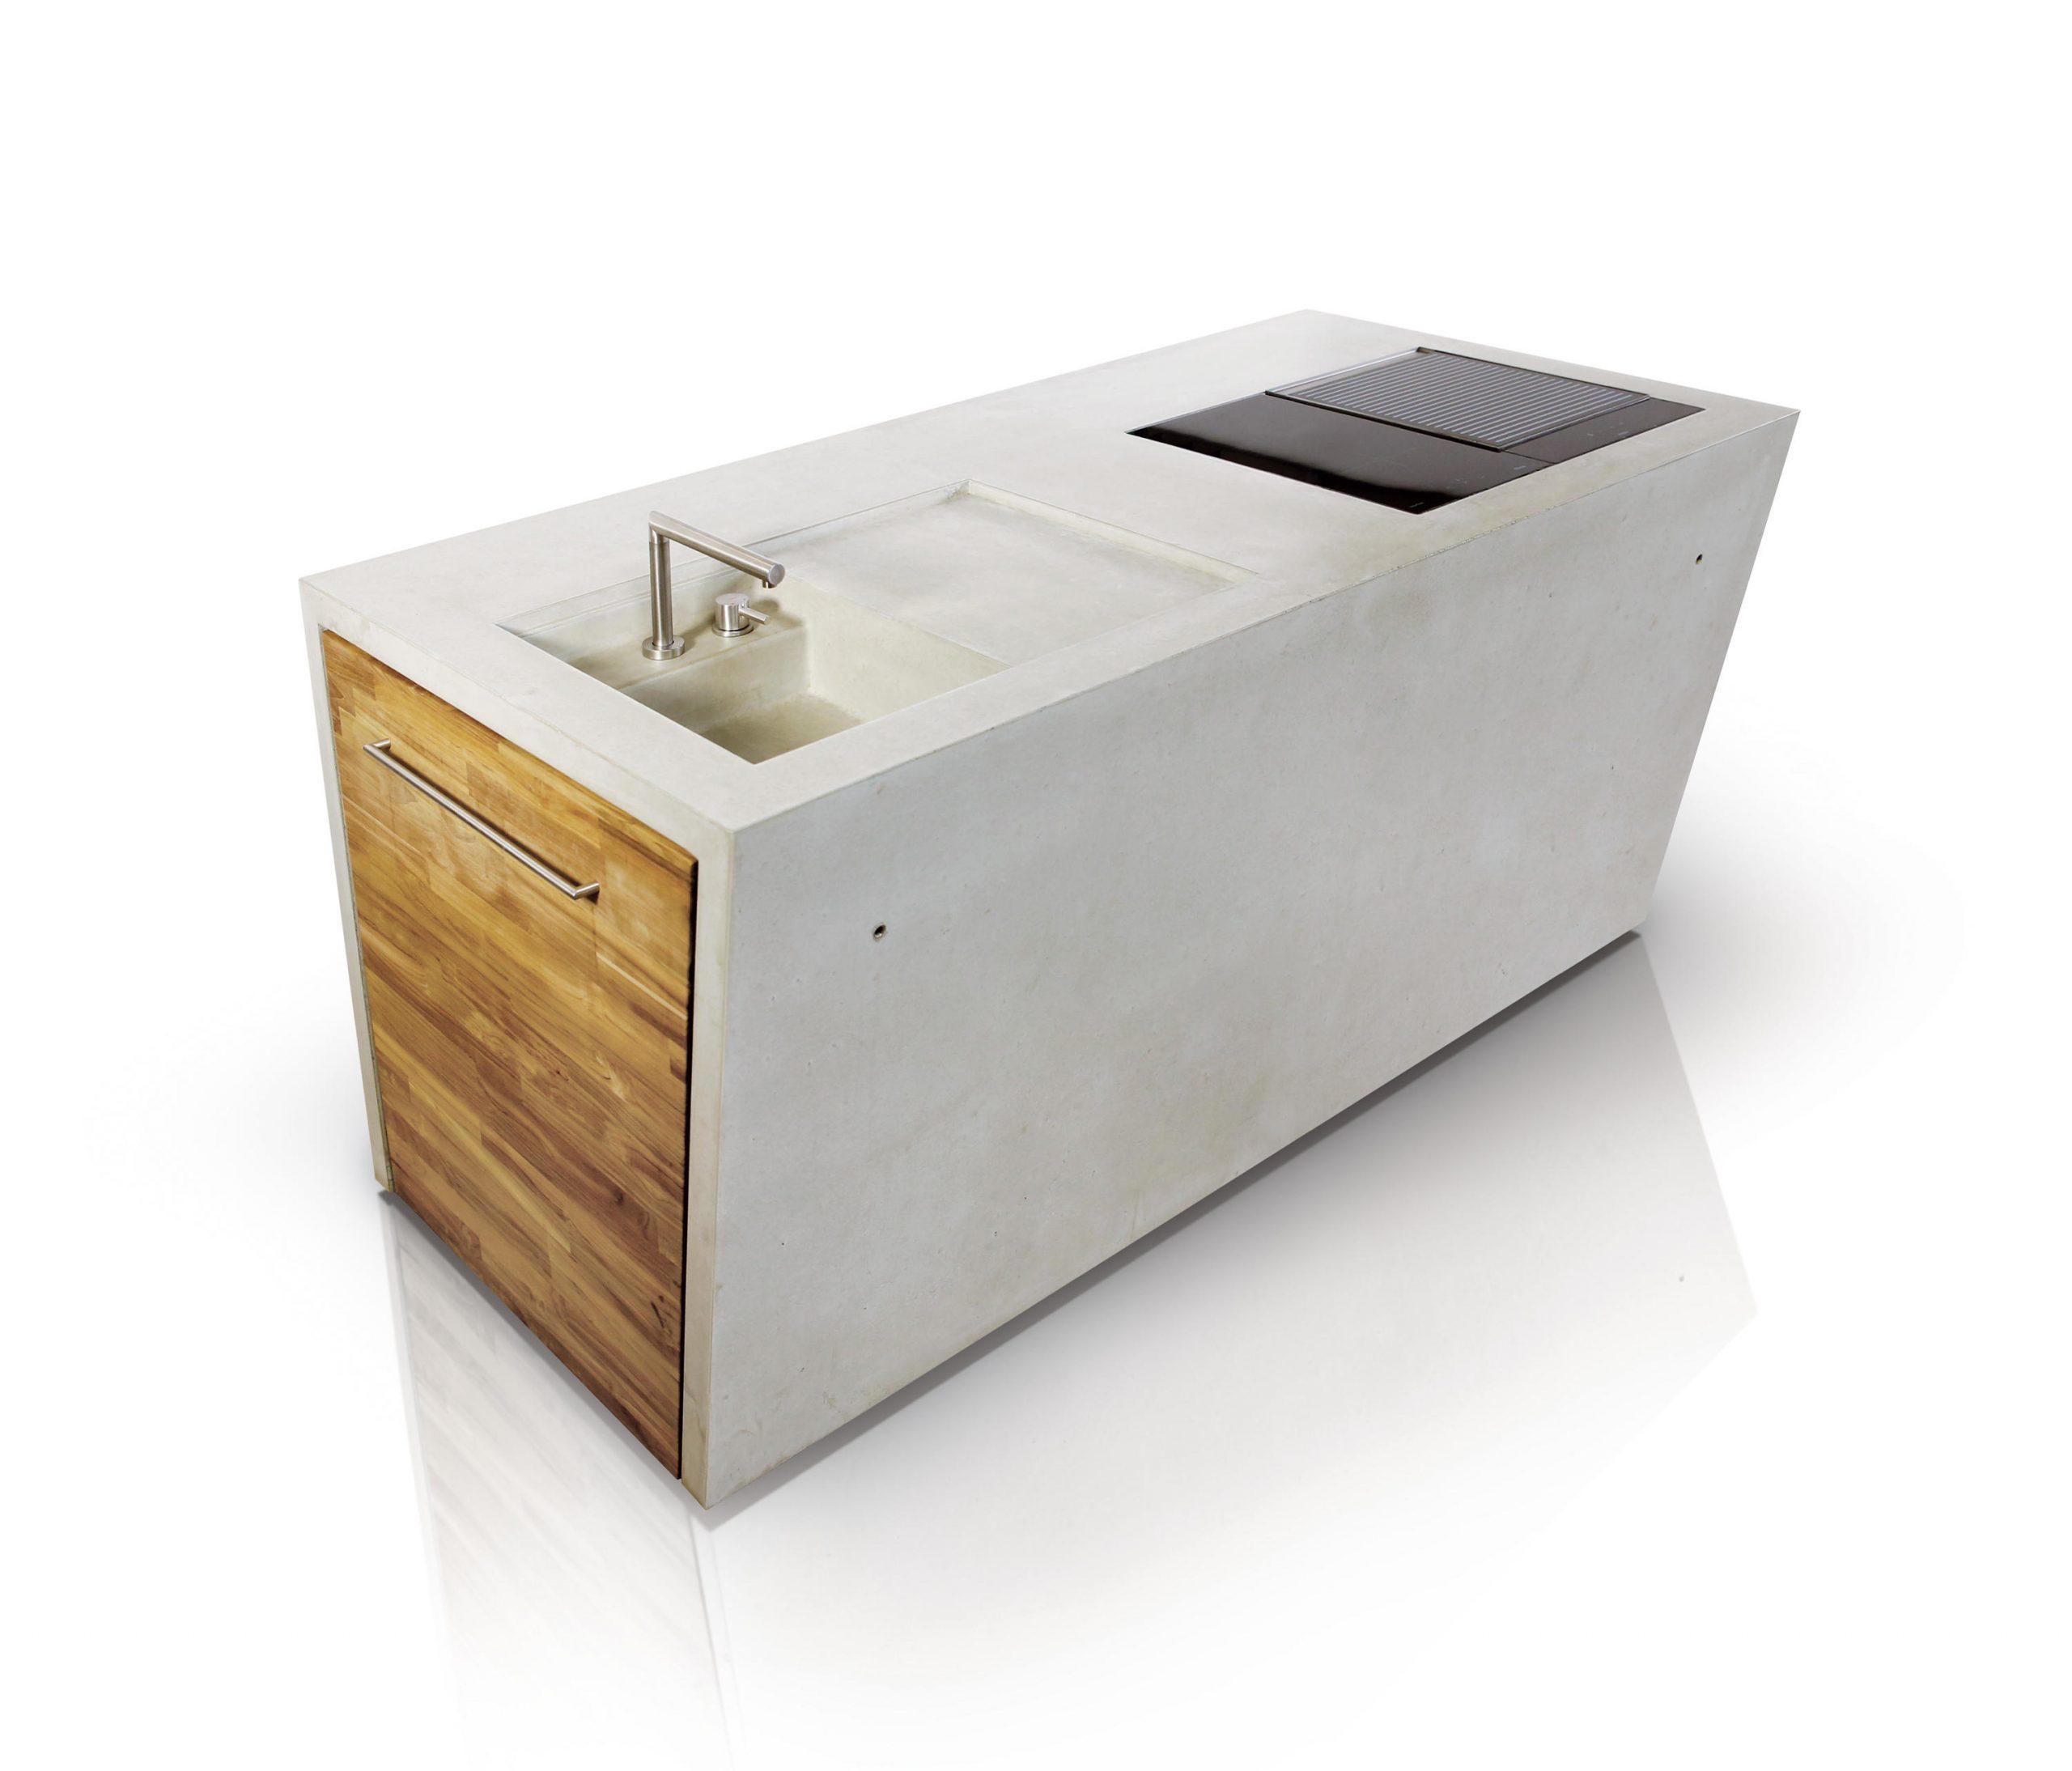 Full Size of Outdoor Küche Edelstahl Waschbecken Badezimmer Kaufen Bad Keramik Wohnzimmer Outdoor Waschbecken